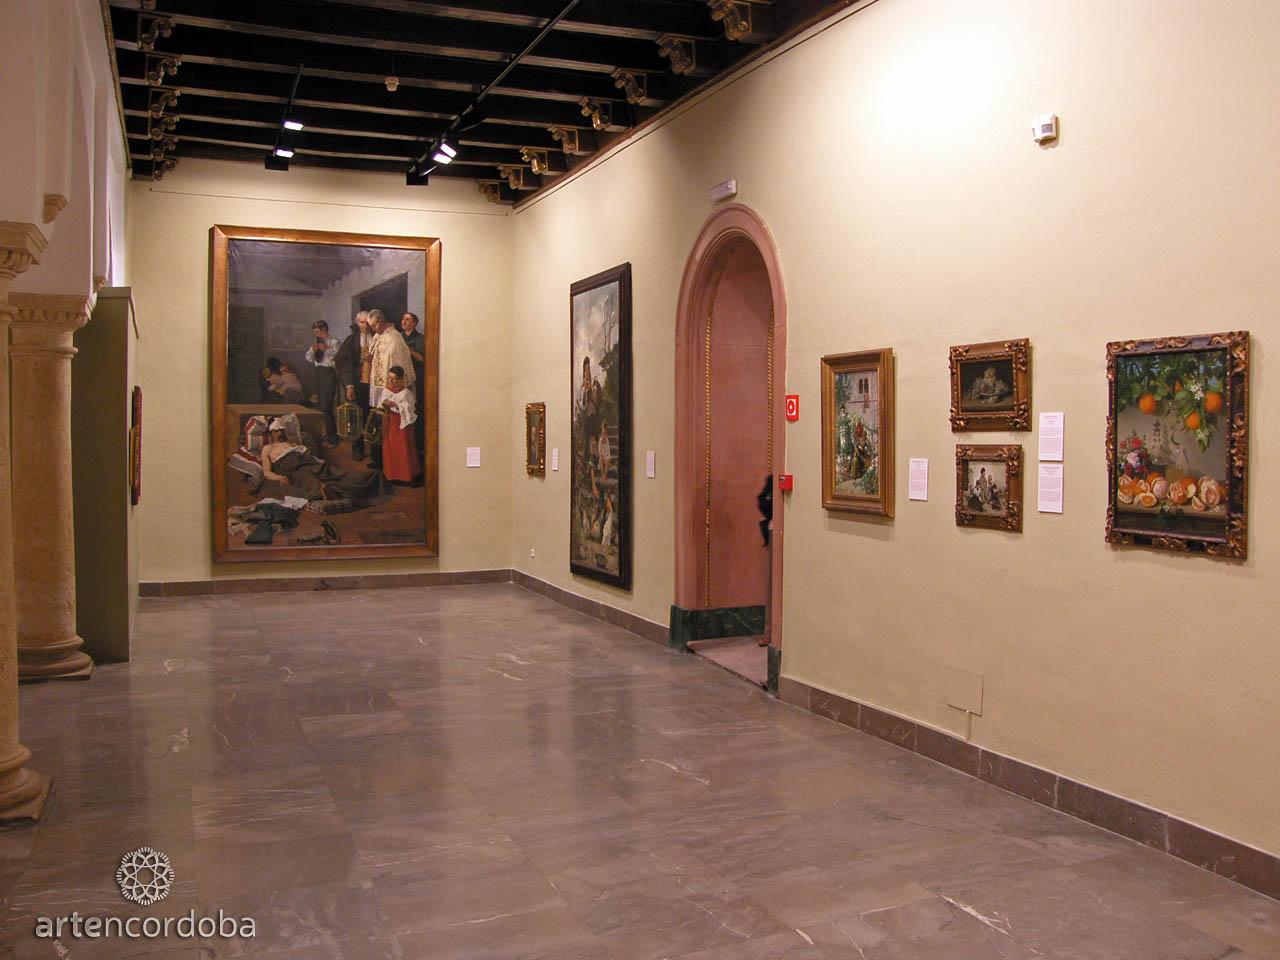 Sala 'Arte Cordobés de los siglos XVIII y XIX' en el Museo de Bellas Artes de Córdoba